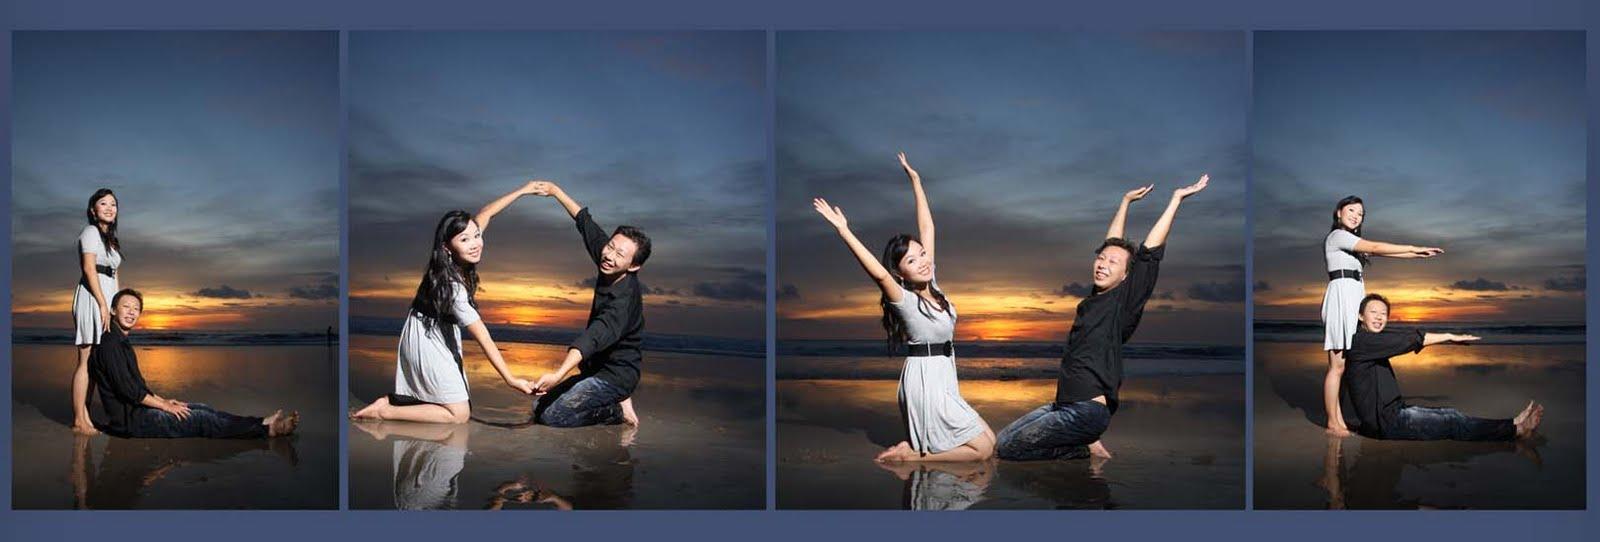 ... Photography & Videoshooting di Bali | Paket Dokumentasi Photo video